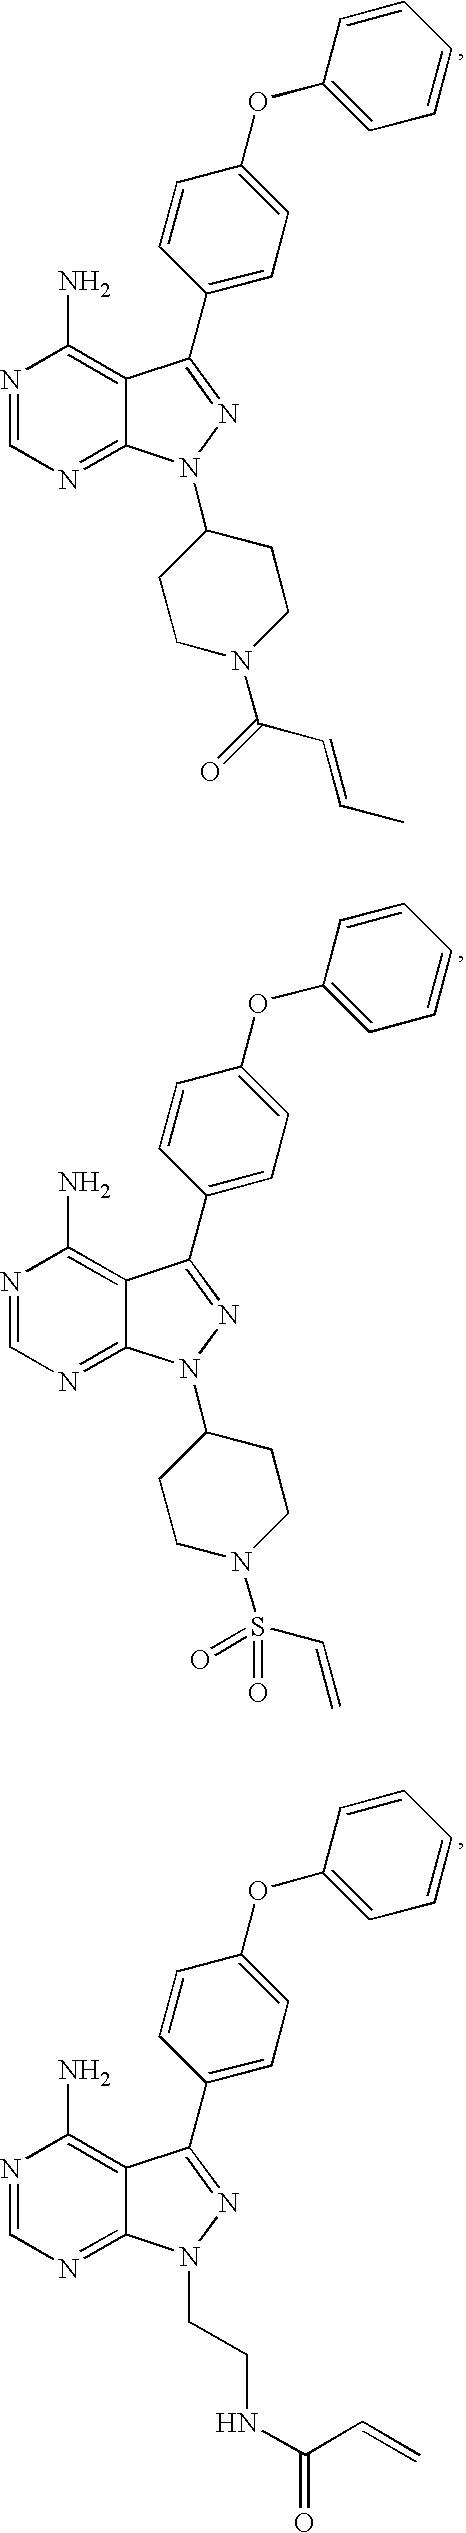 Figure US07514444-20090407-C00064